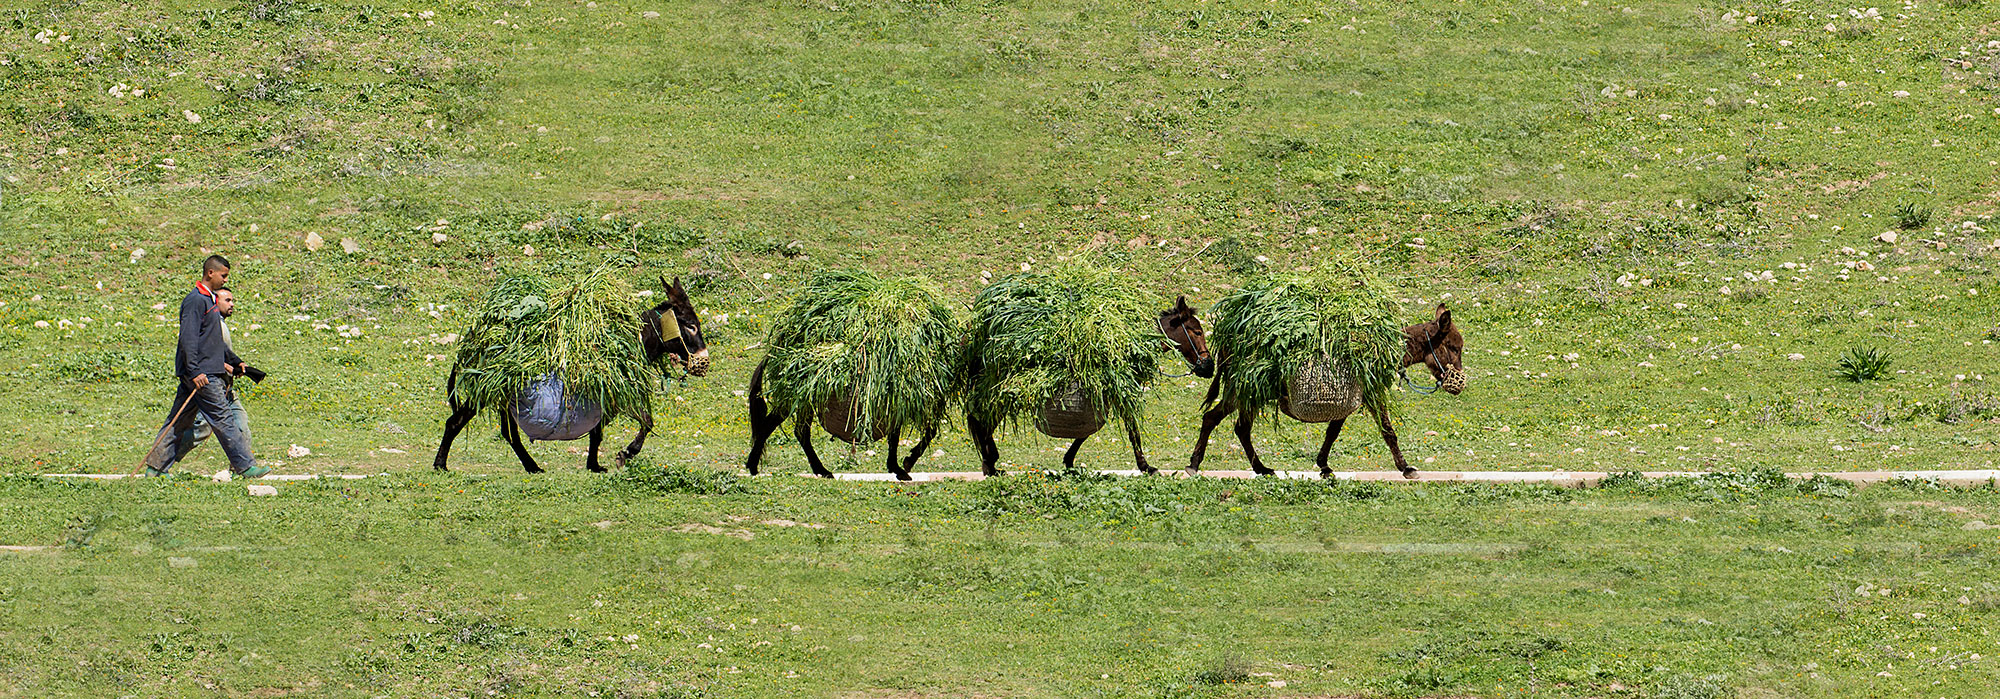 Farmer in Morocco